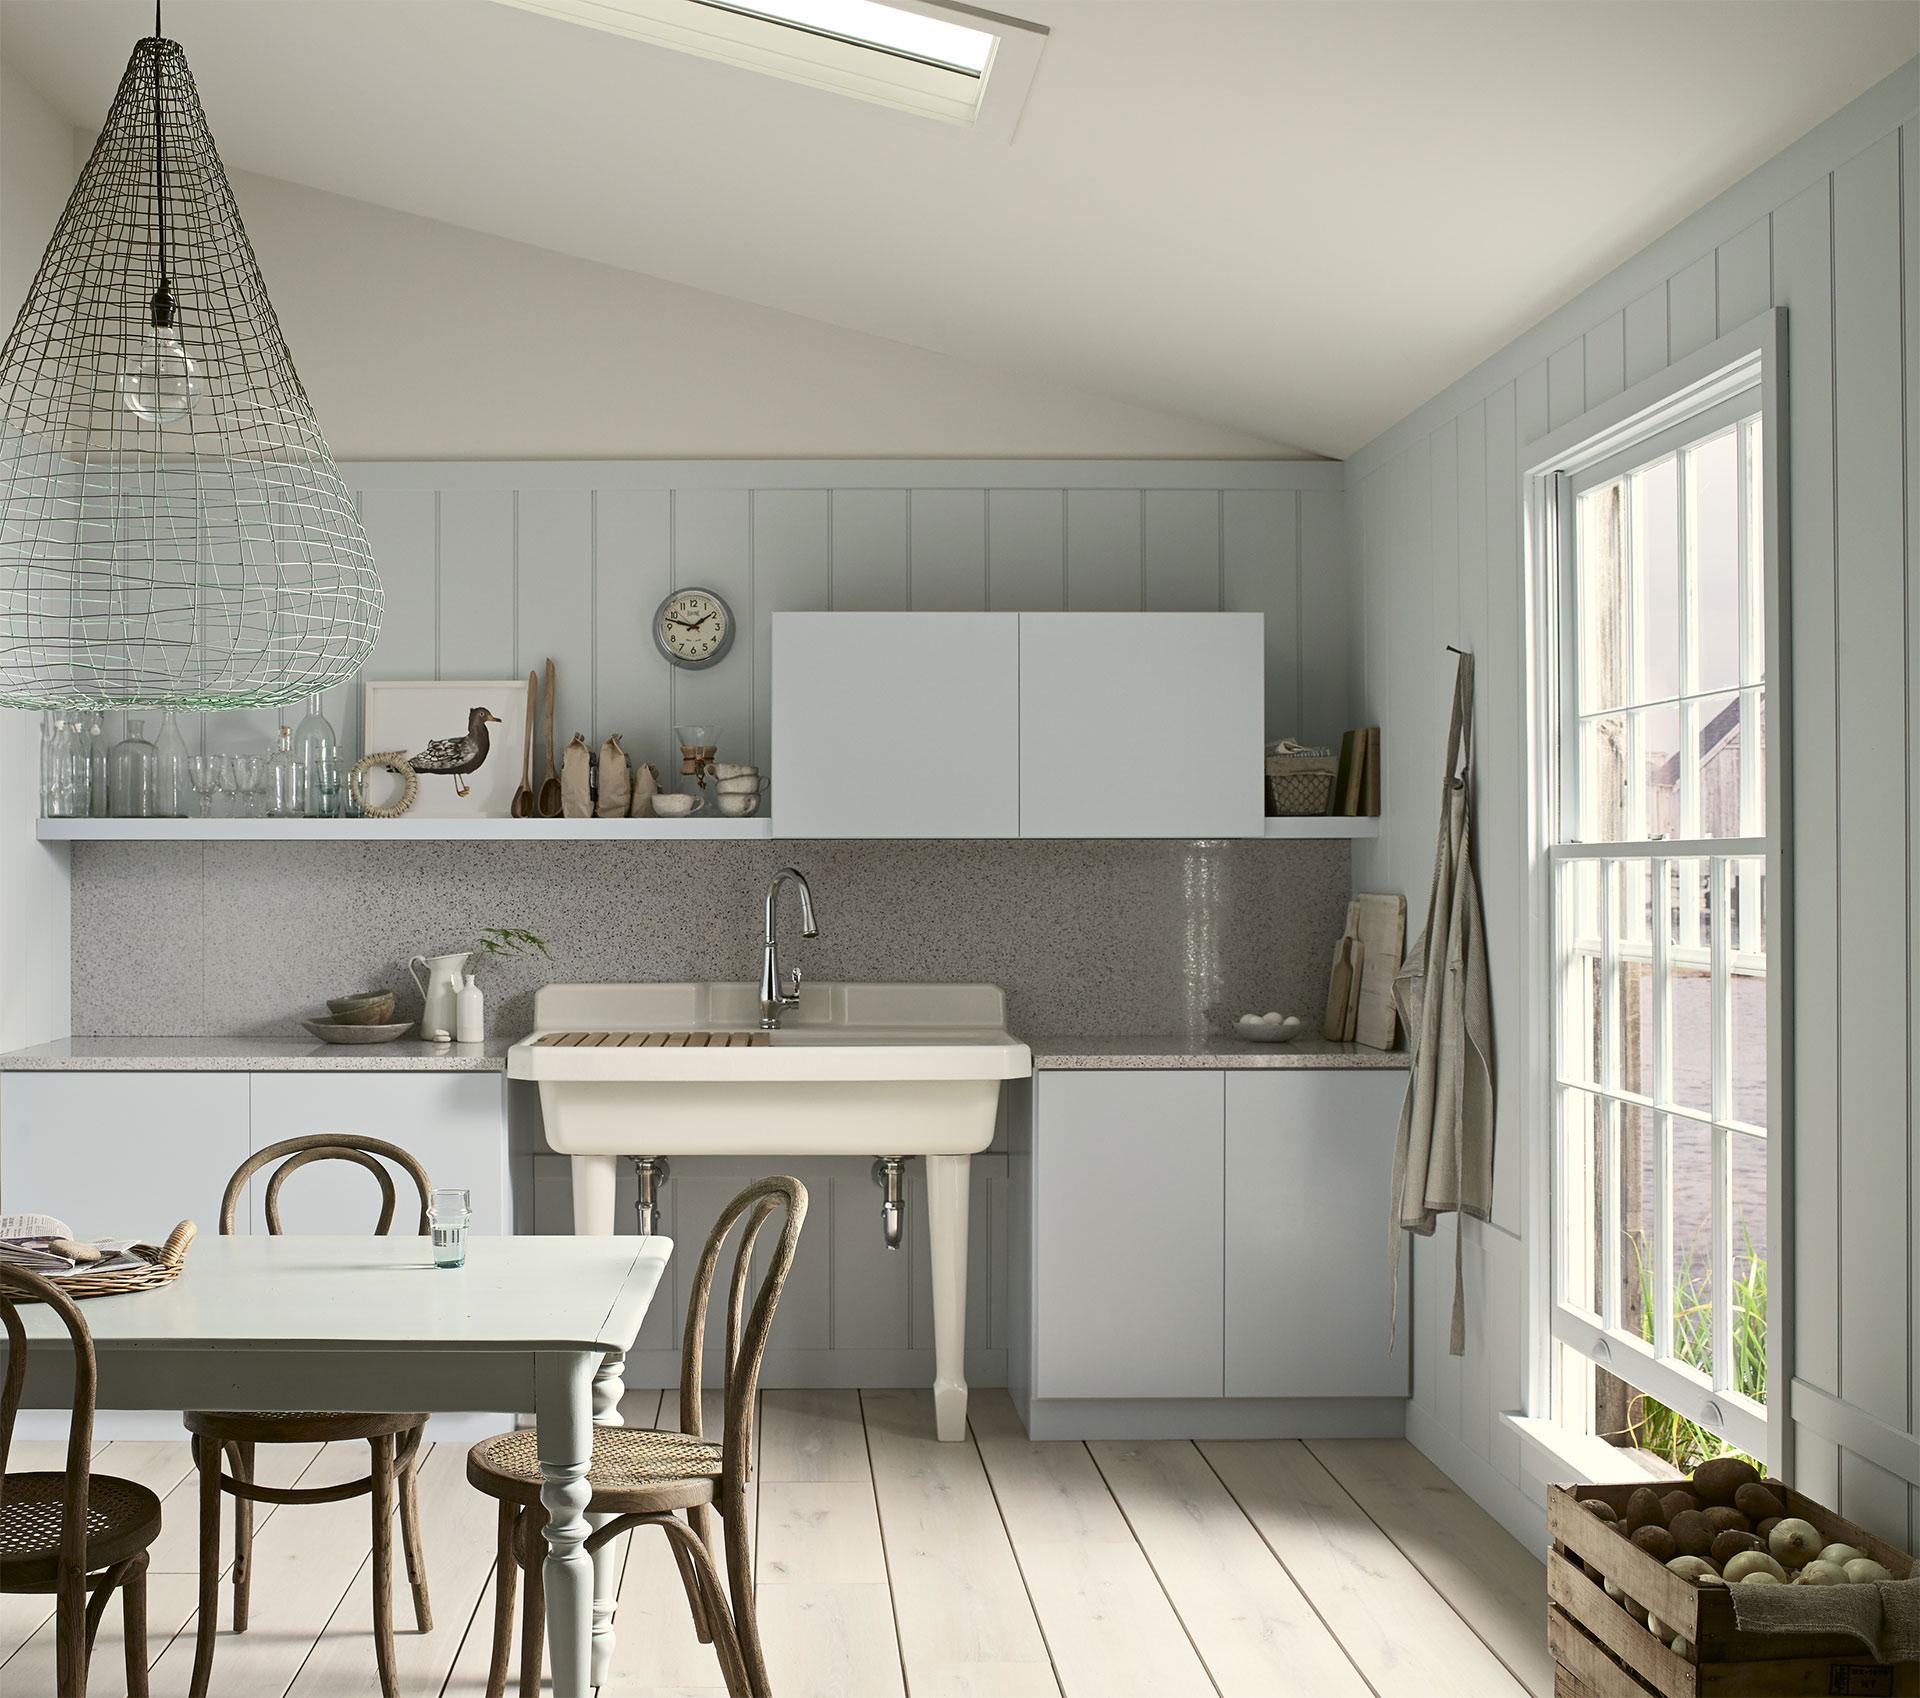 style rustique style rustique avec une touche contemporaine gr ce l vier la robinetterie et. Black Bedroom Furniture Sets. Home Design Ideas